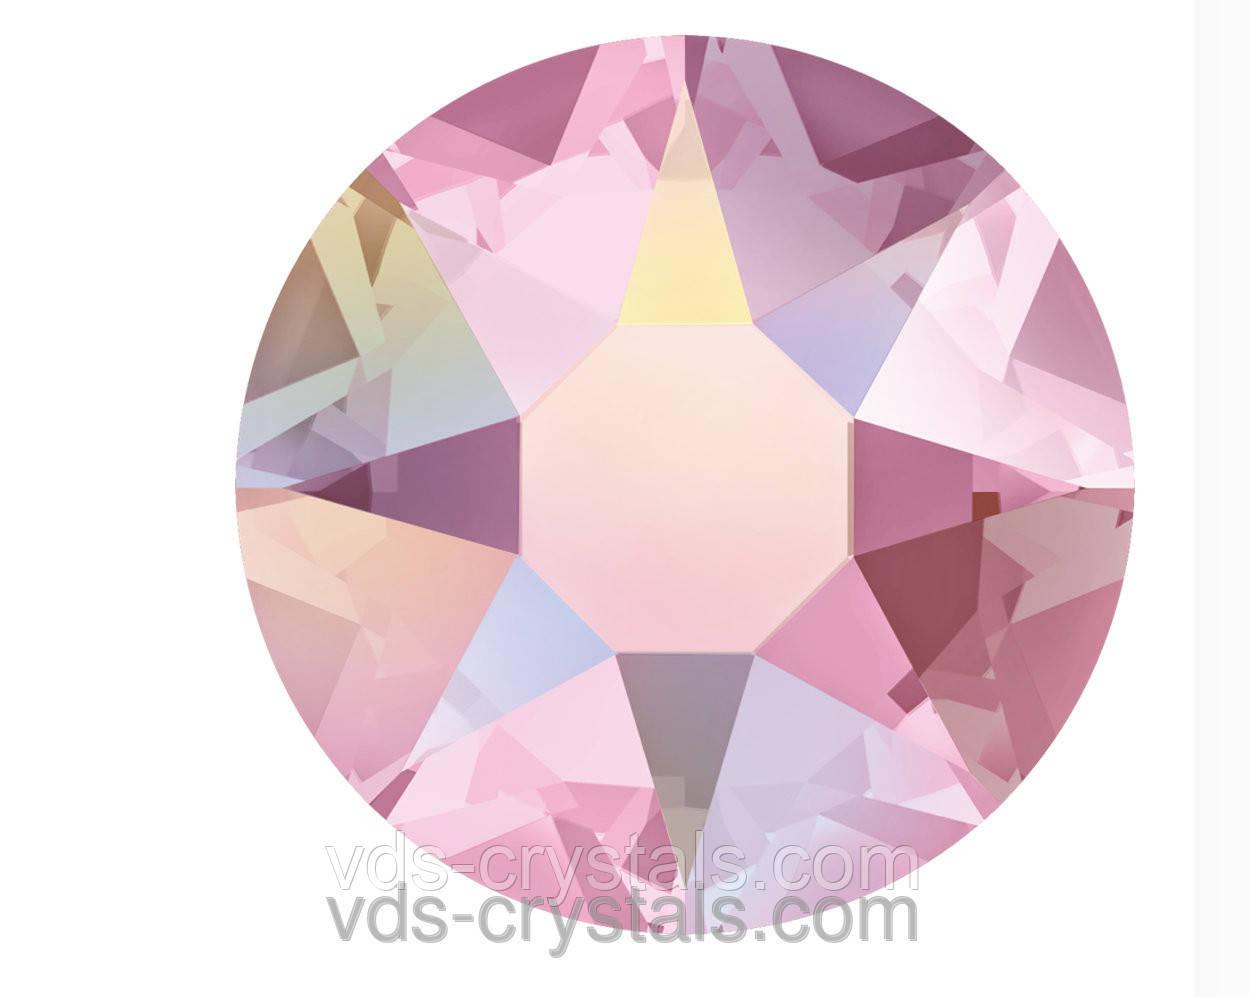 Кристаллы Swarovski клеевые холодной фиксации 2088 Light Rose AB F (223 AB) 12ss (упаковка 1440 шт)